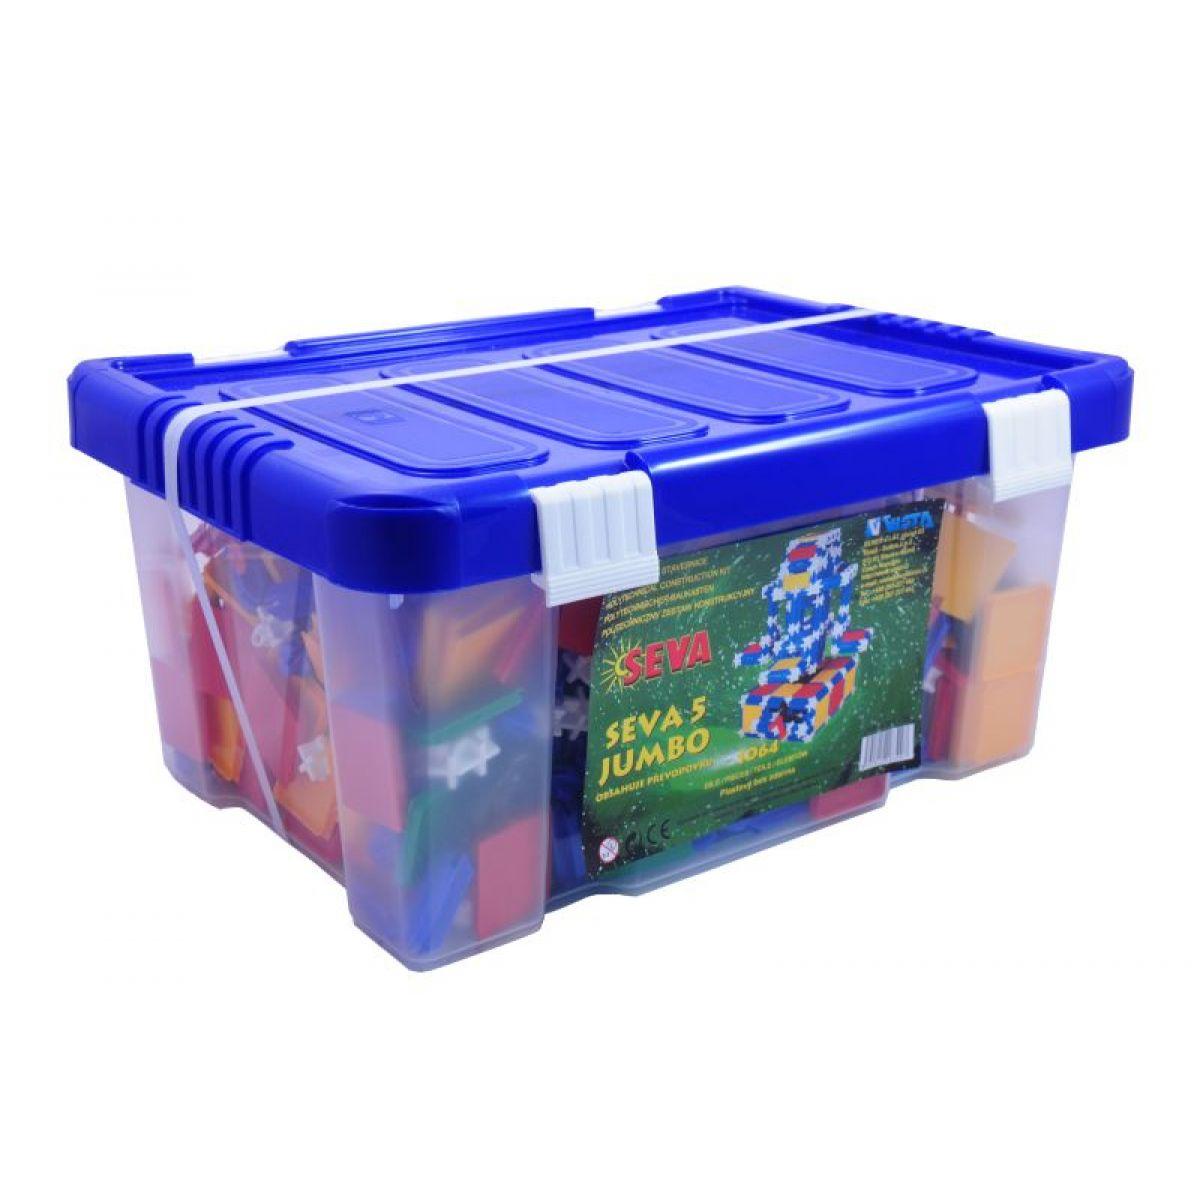 Seva Stavebnice 5 Jumbo 1064 dílků v plastové krabici